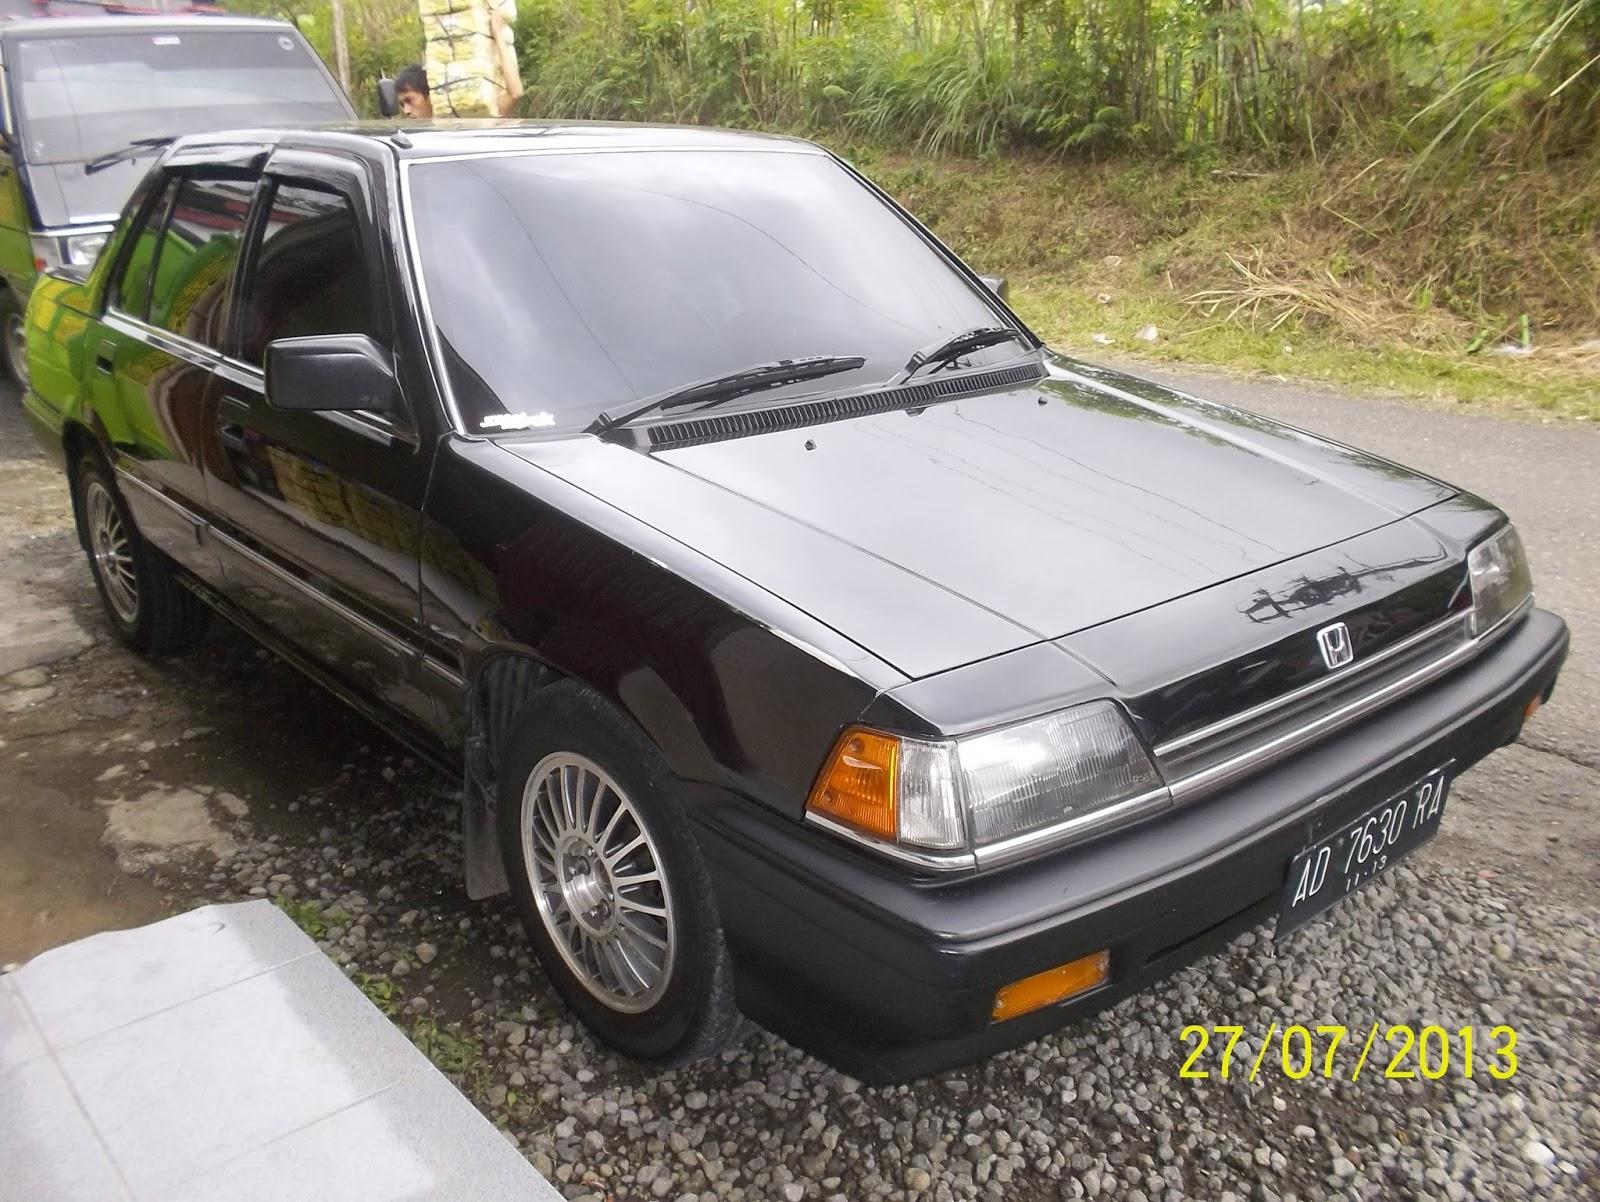 54 Foto Mobil Honda Civic Tahun 1987 | Ragam Modifikasi